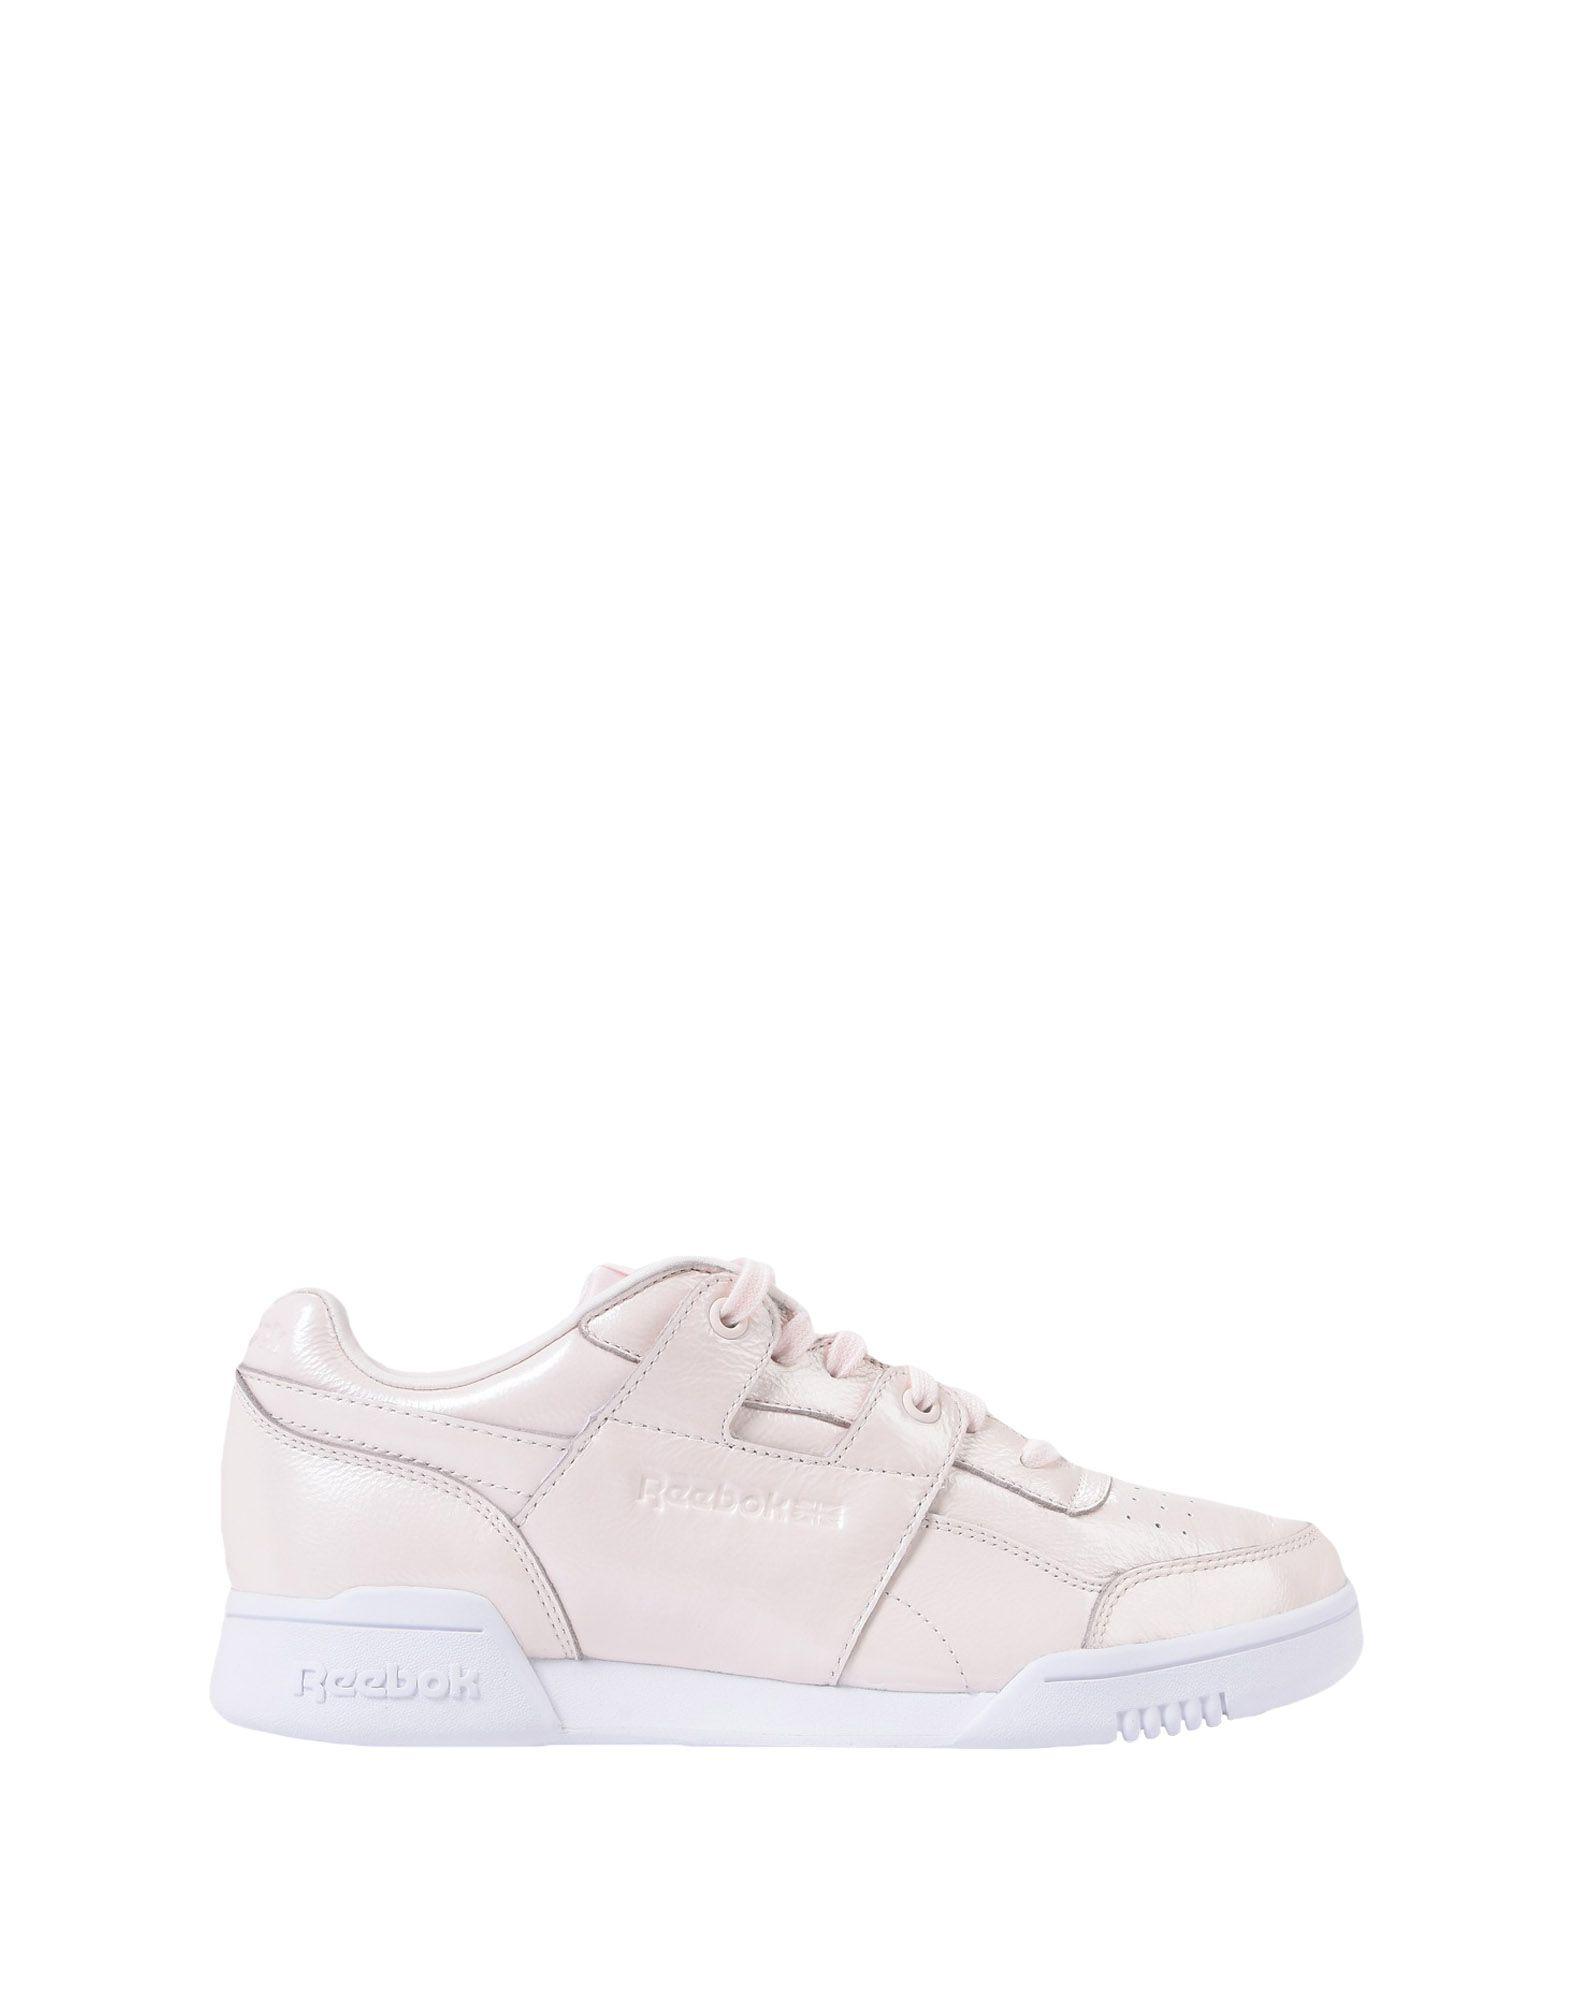 Sneakers Reebok W/O Lo Plus Iridesce - Femme - Sneakers Reebok sur